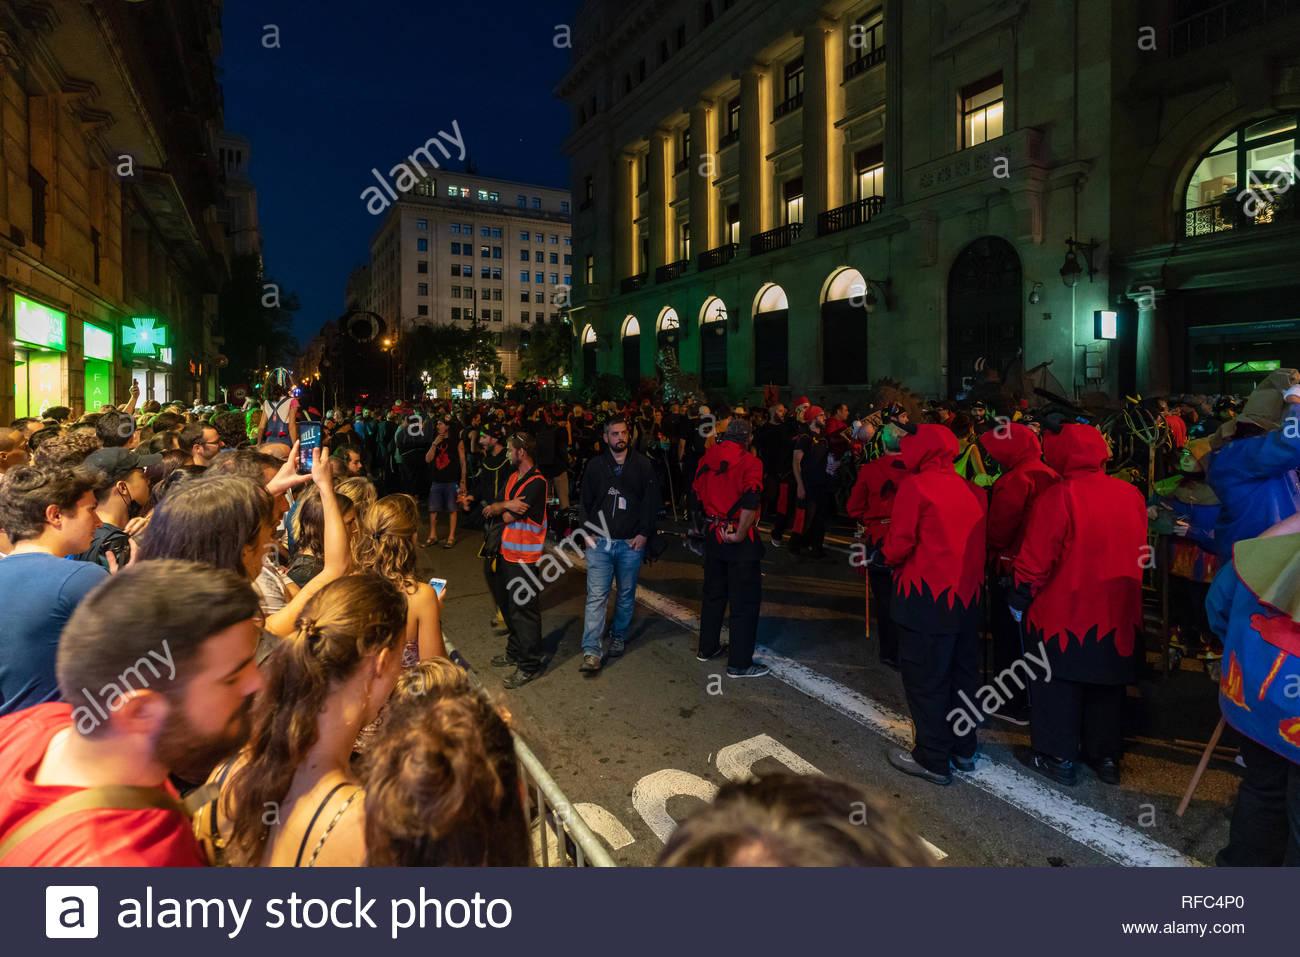 Affollamento di persone a condurre al massimo il Correfoc al La Merce festival in Bracelona, Spagna, 2018 Immagini Stock